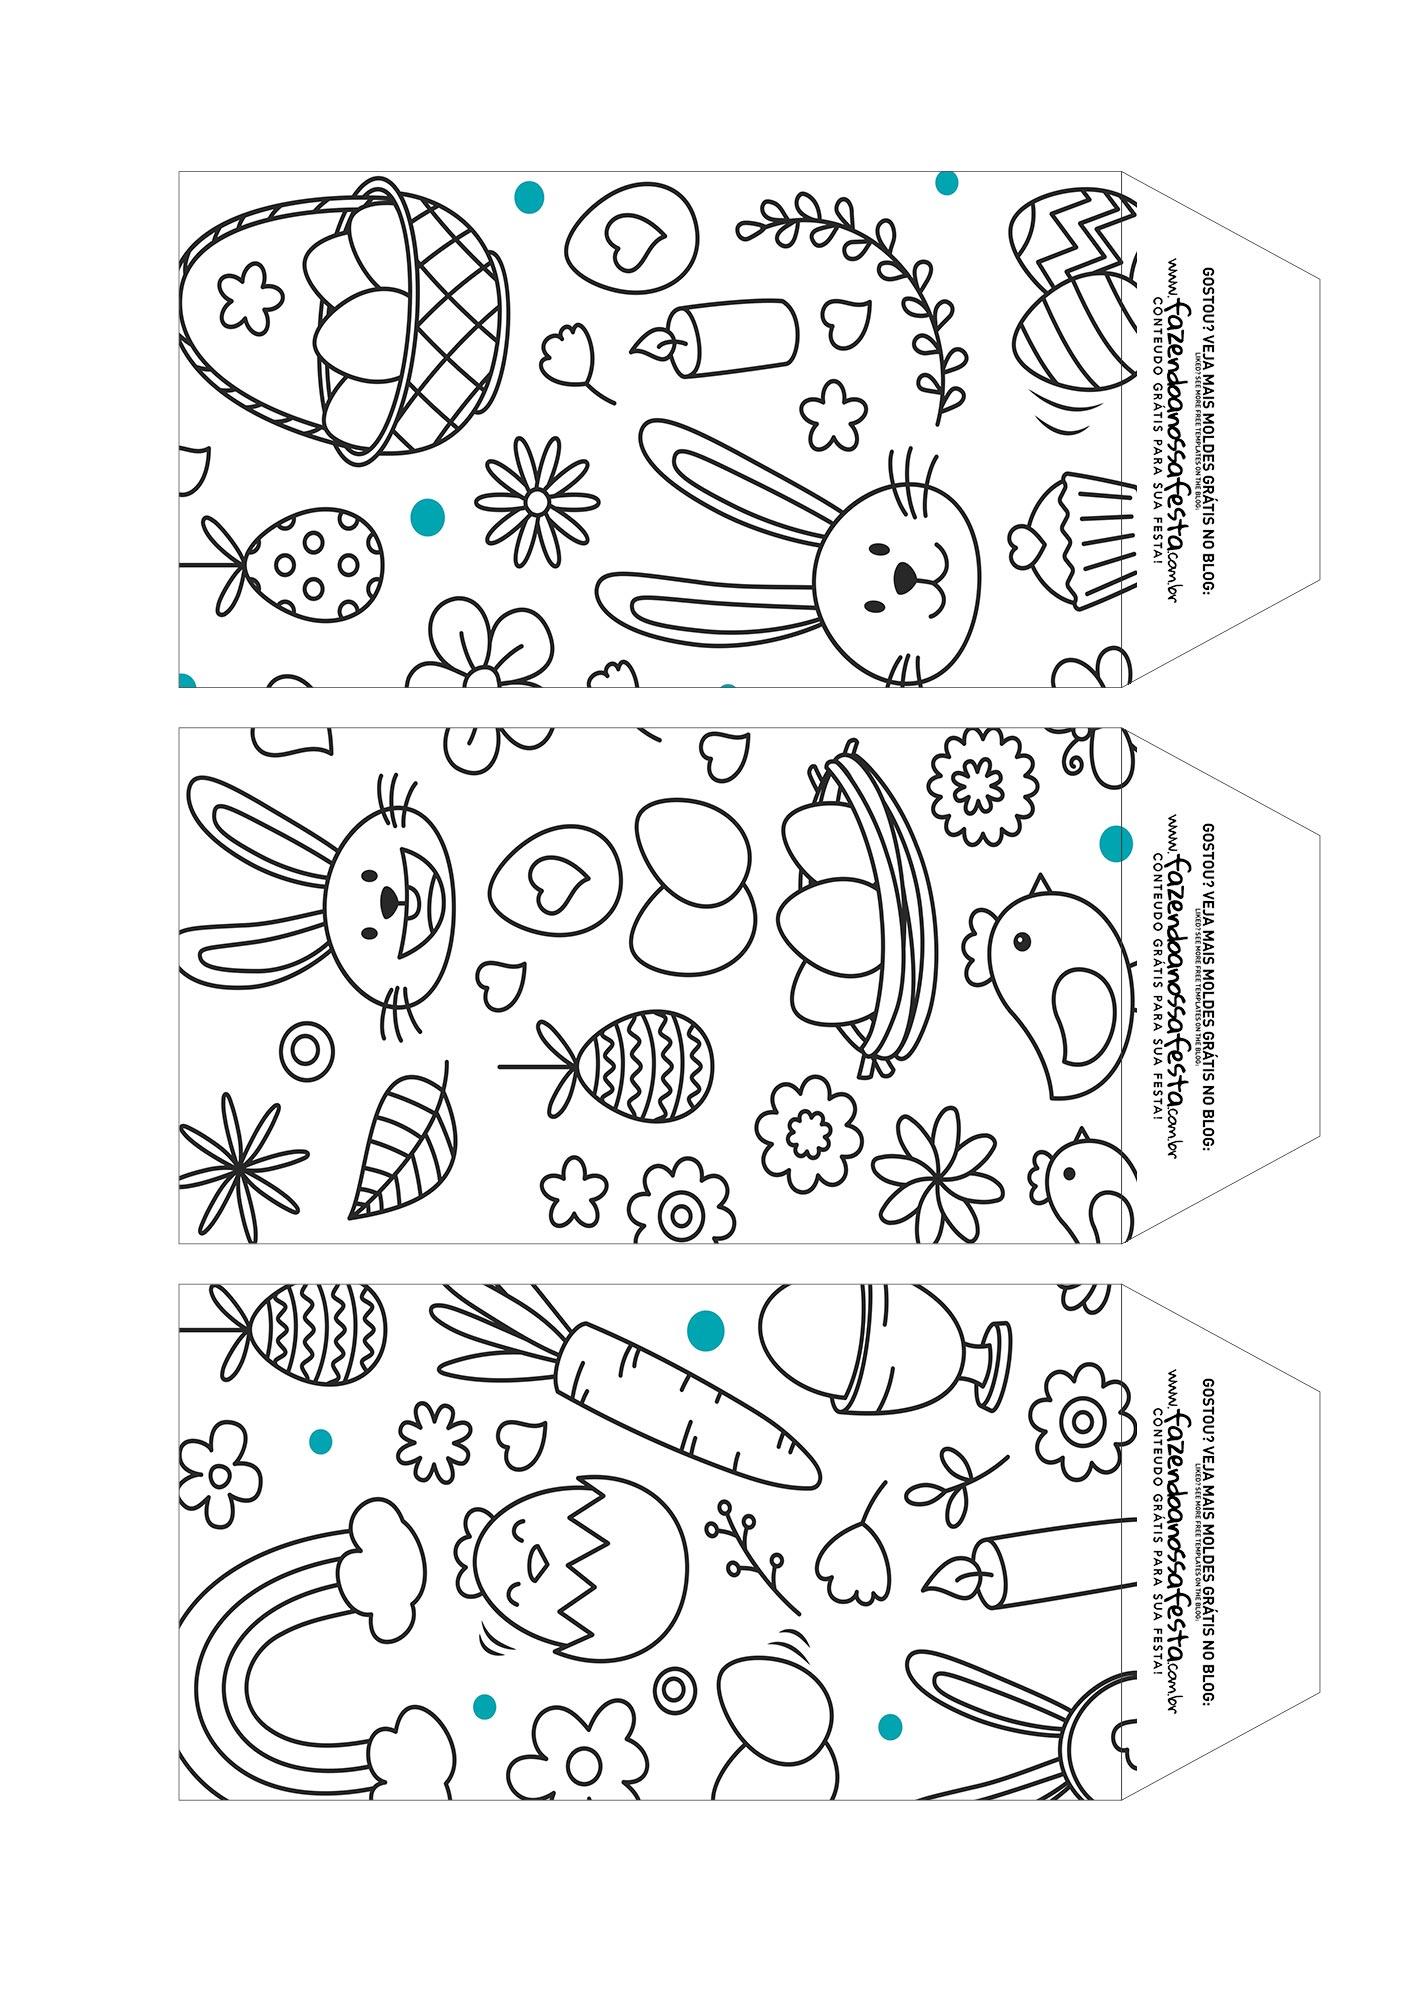 Caixa Explosao Coelhinho para colorir parte 7